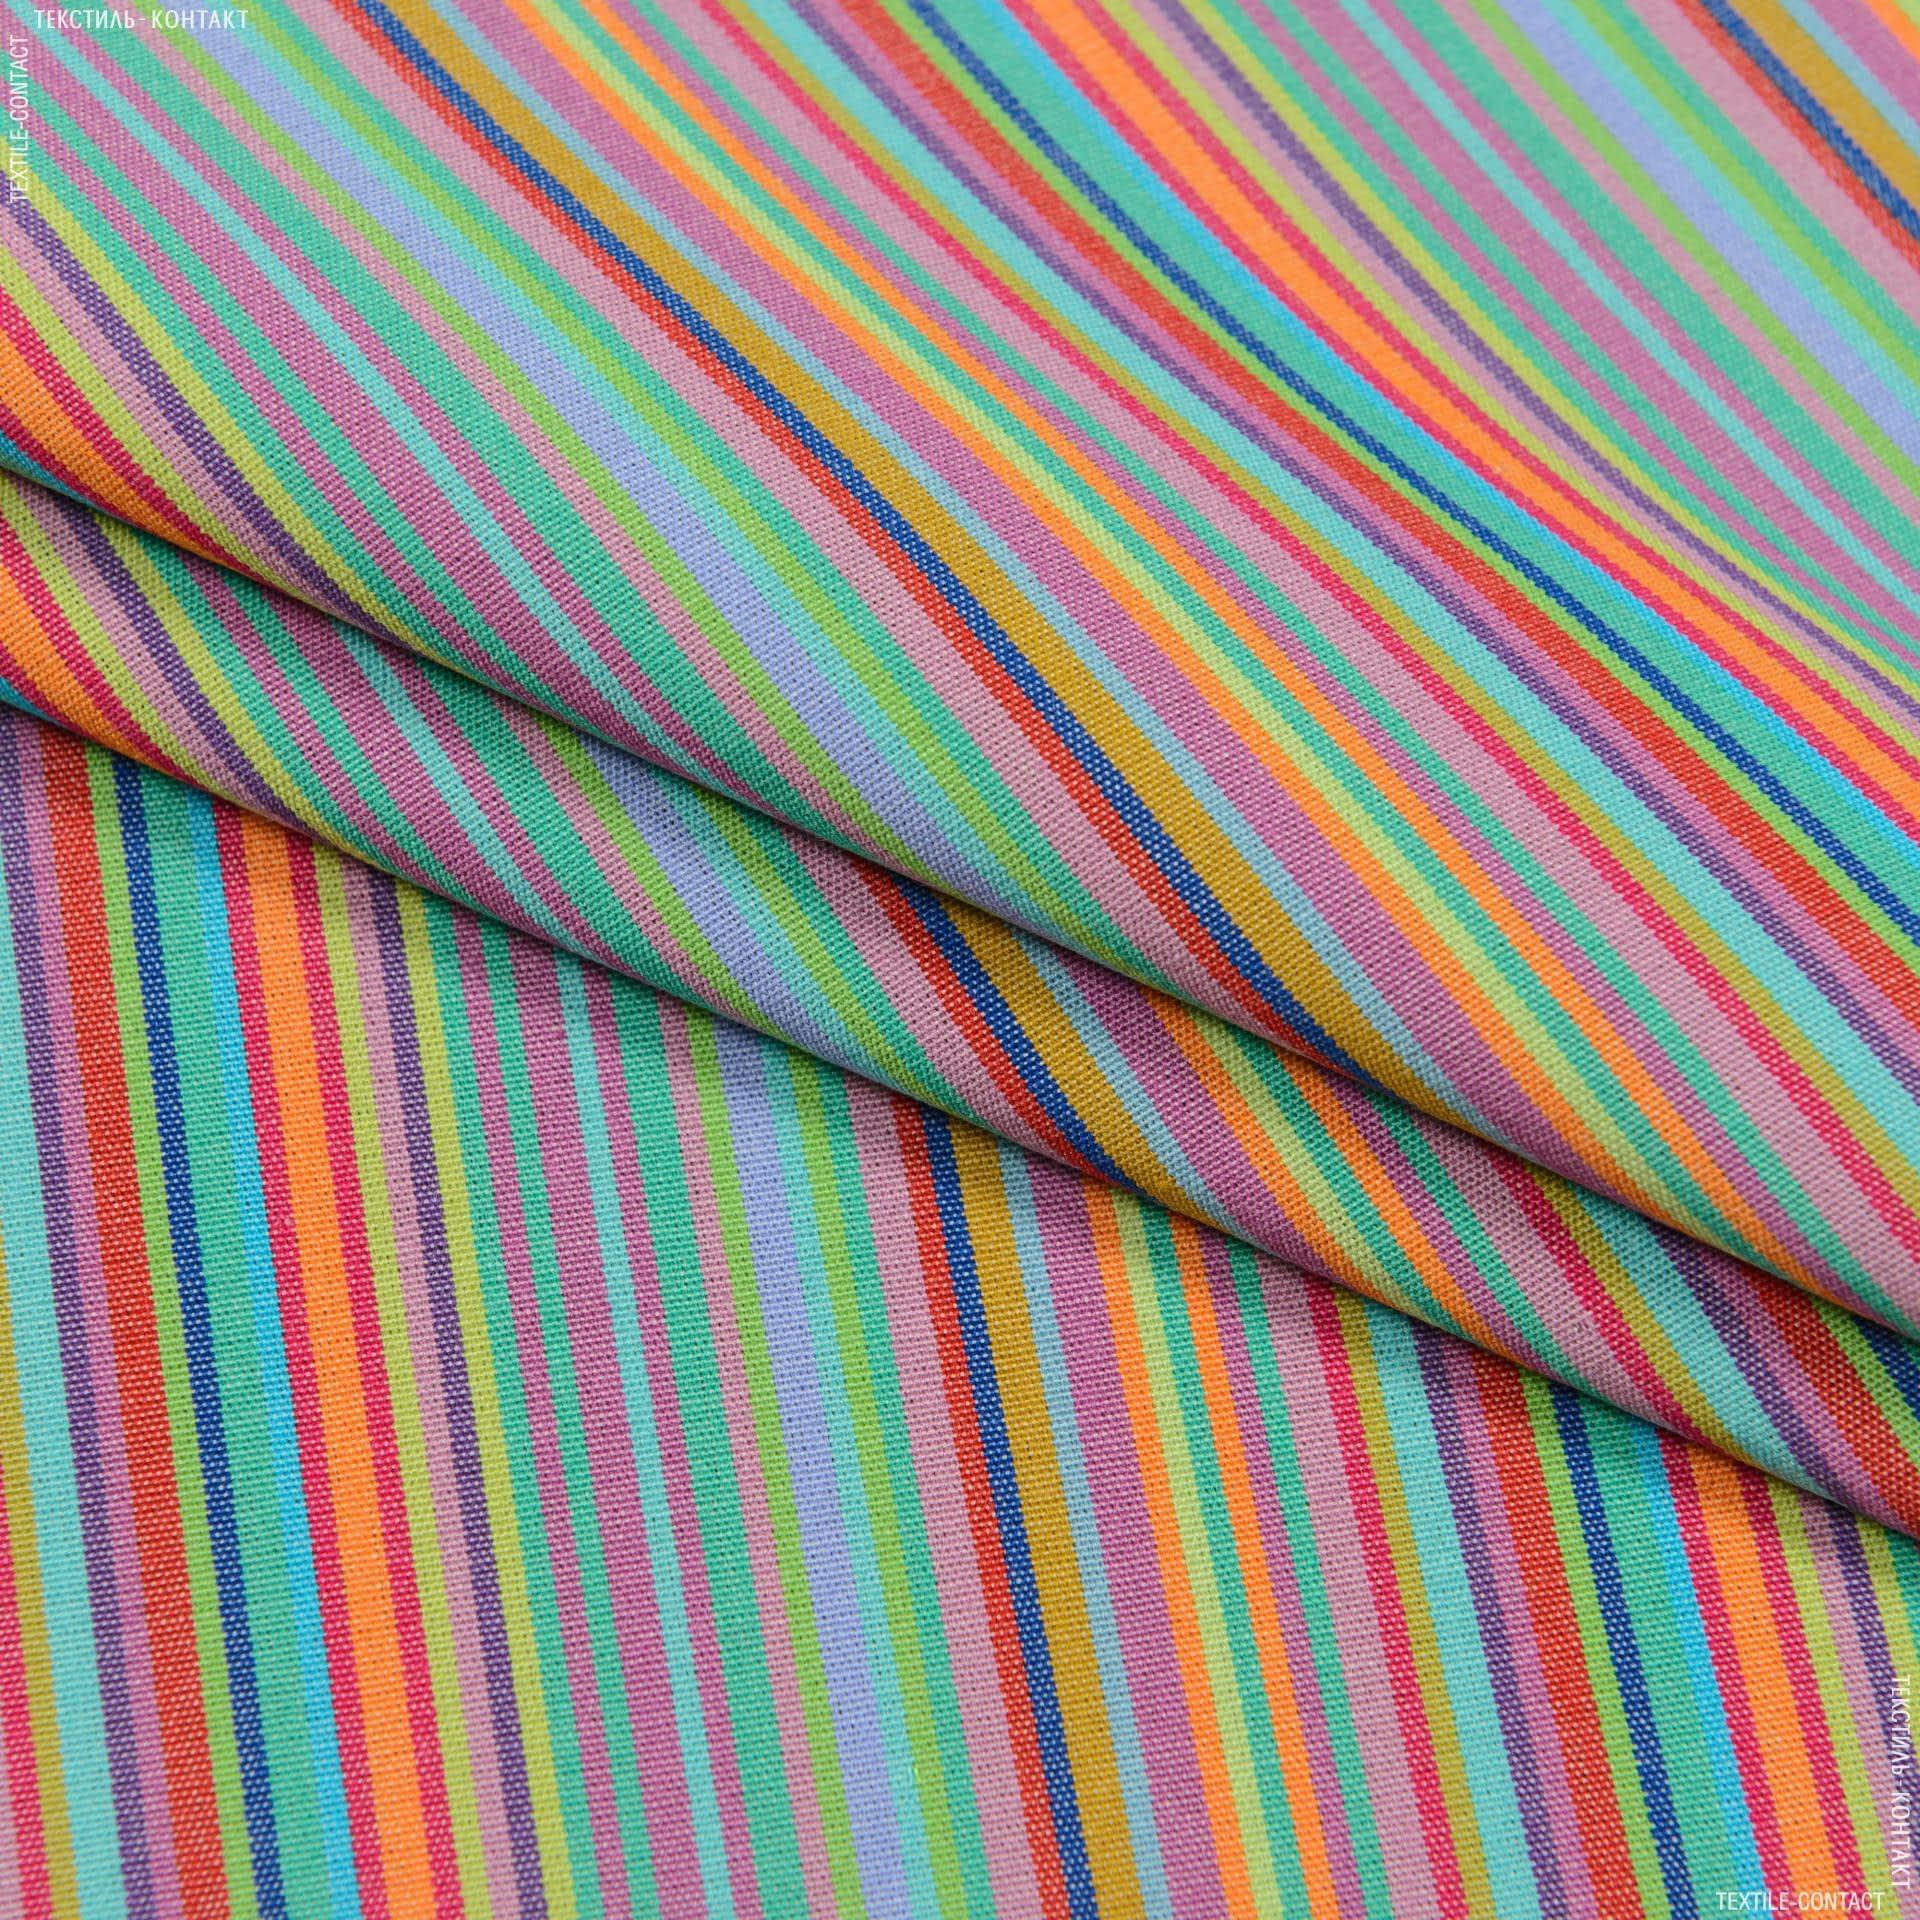 Ткани портьерные ткани - Дралон полоса  / мультиколор  FRBS1